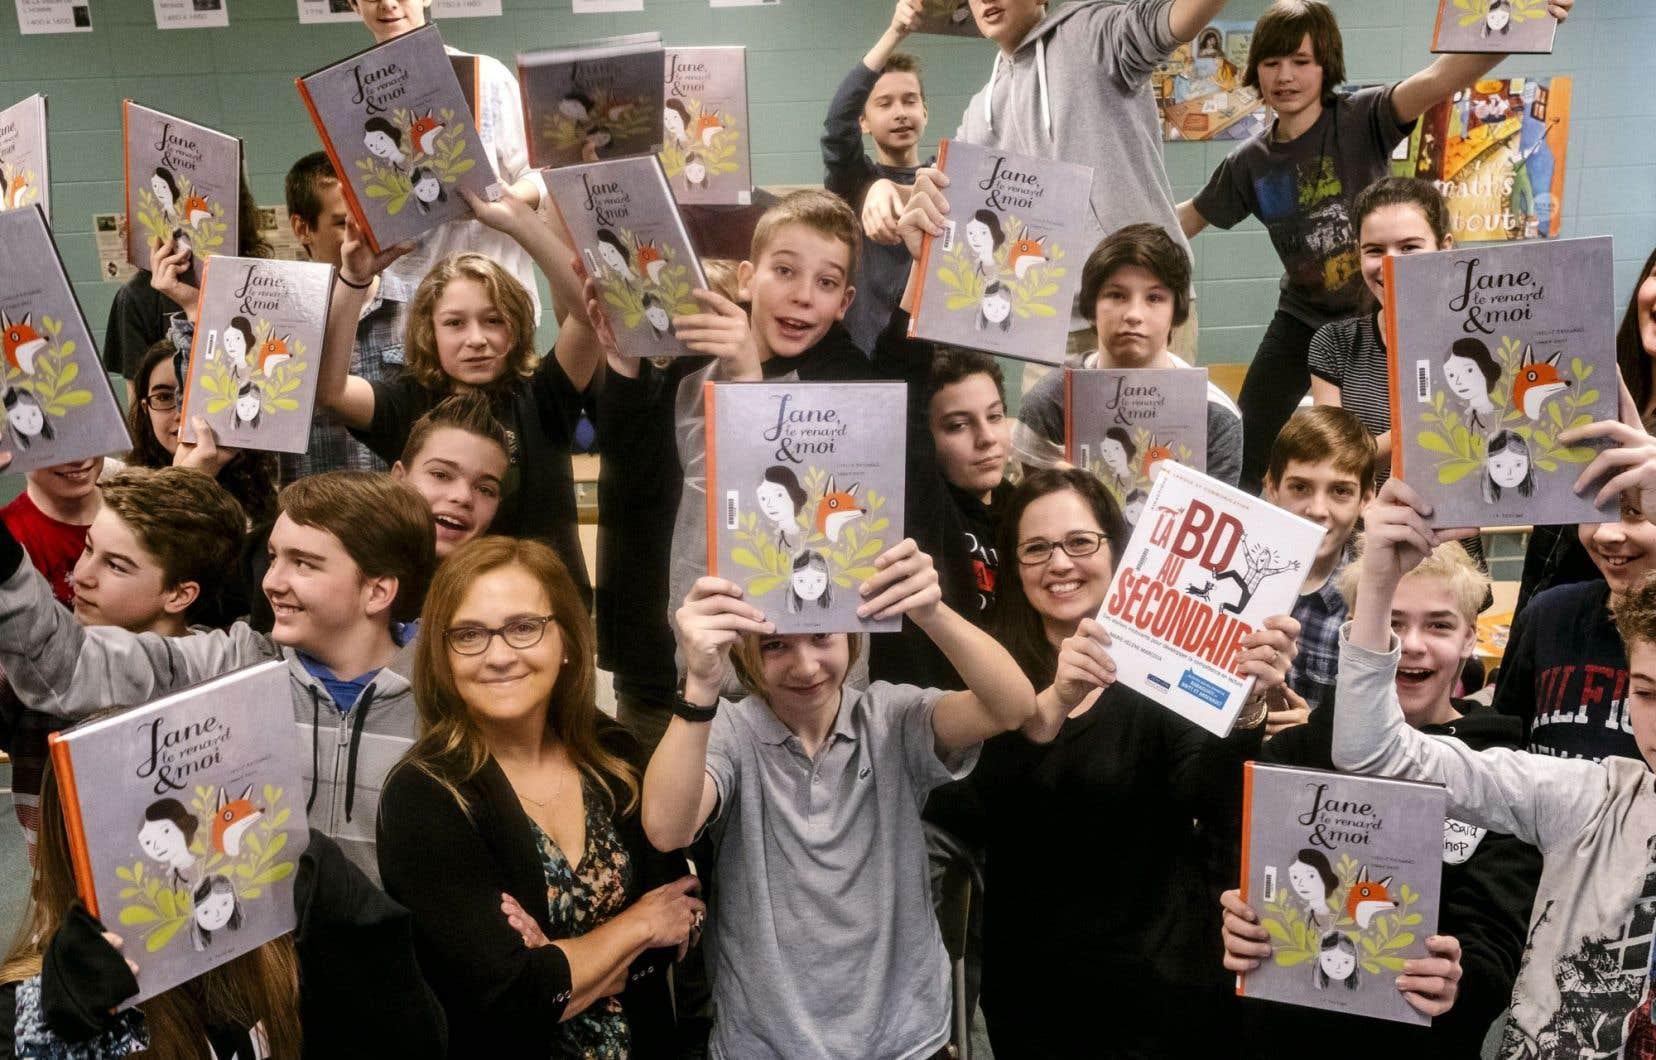 «Le plaisir d'apprendre peut aussi être dans la bédé», estiment la pédagogue Marie-Hélène Marcoux (à gauche) et l'enseignante Isabelle Gagnon (à droite), tout comme plusieurs élèves de 2e secondaire de l'école de l'Horizon à Saint-Jean-Chrysostome, près de Québec.